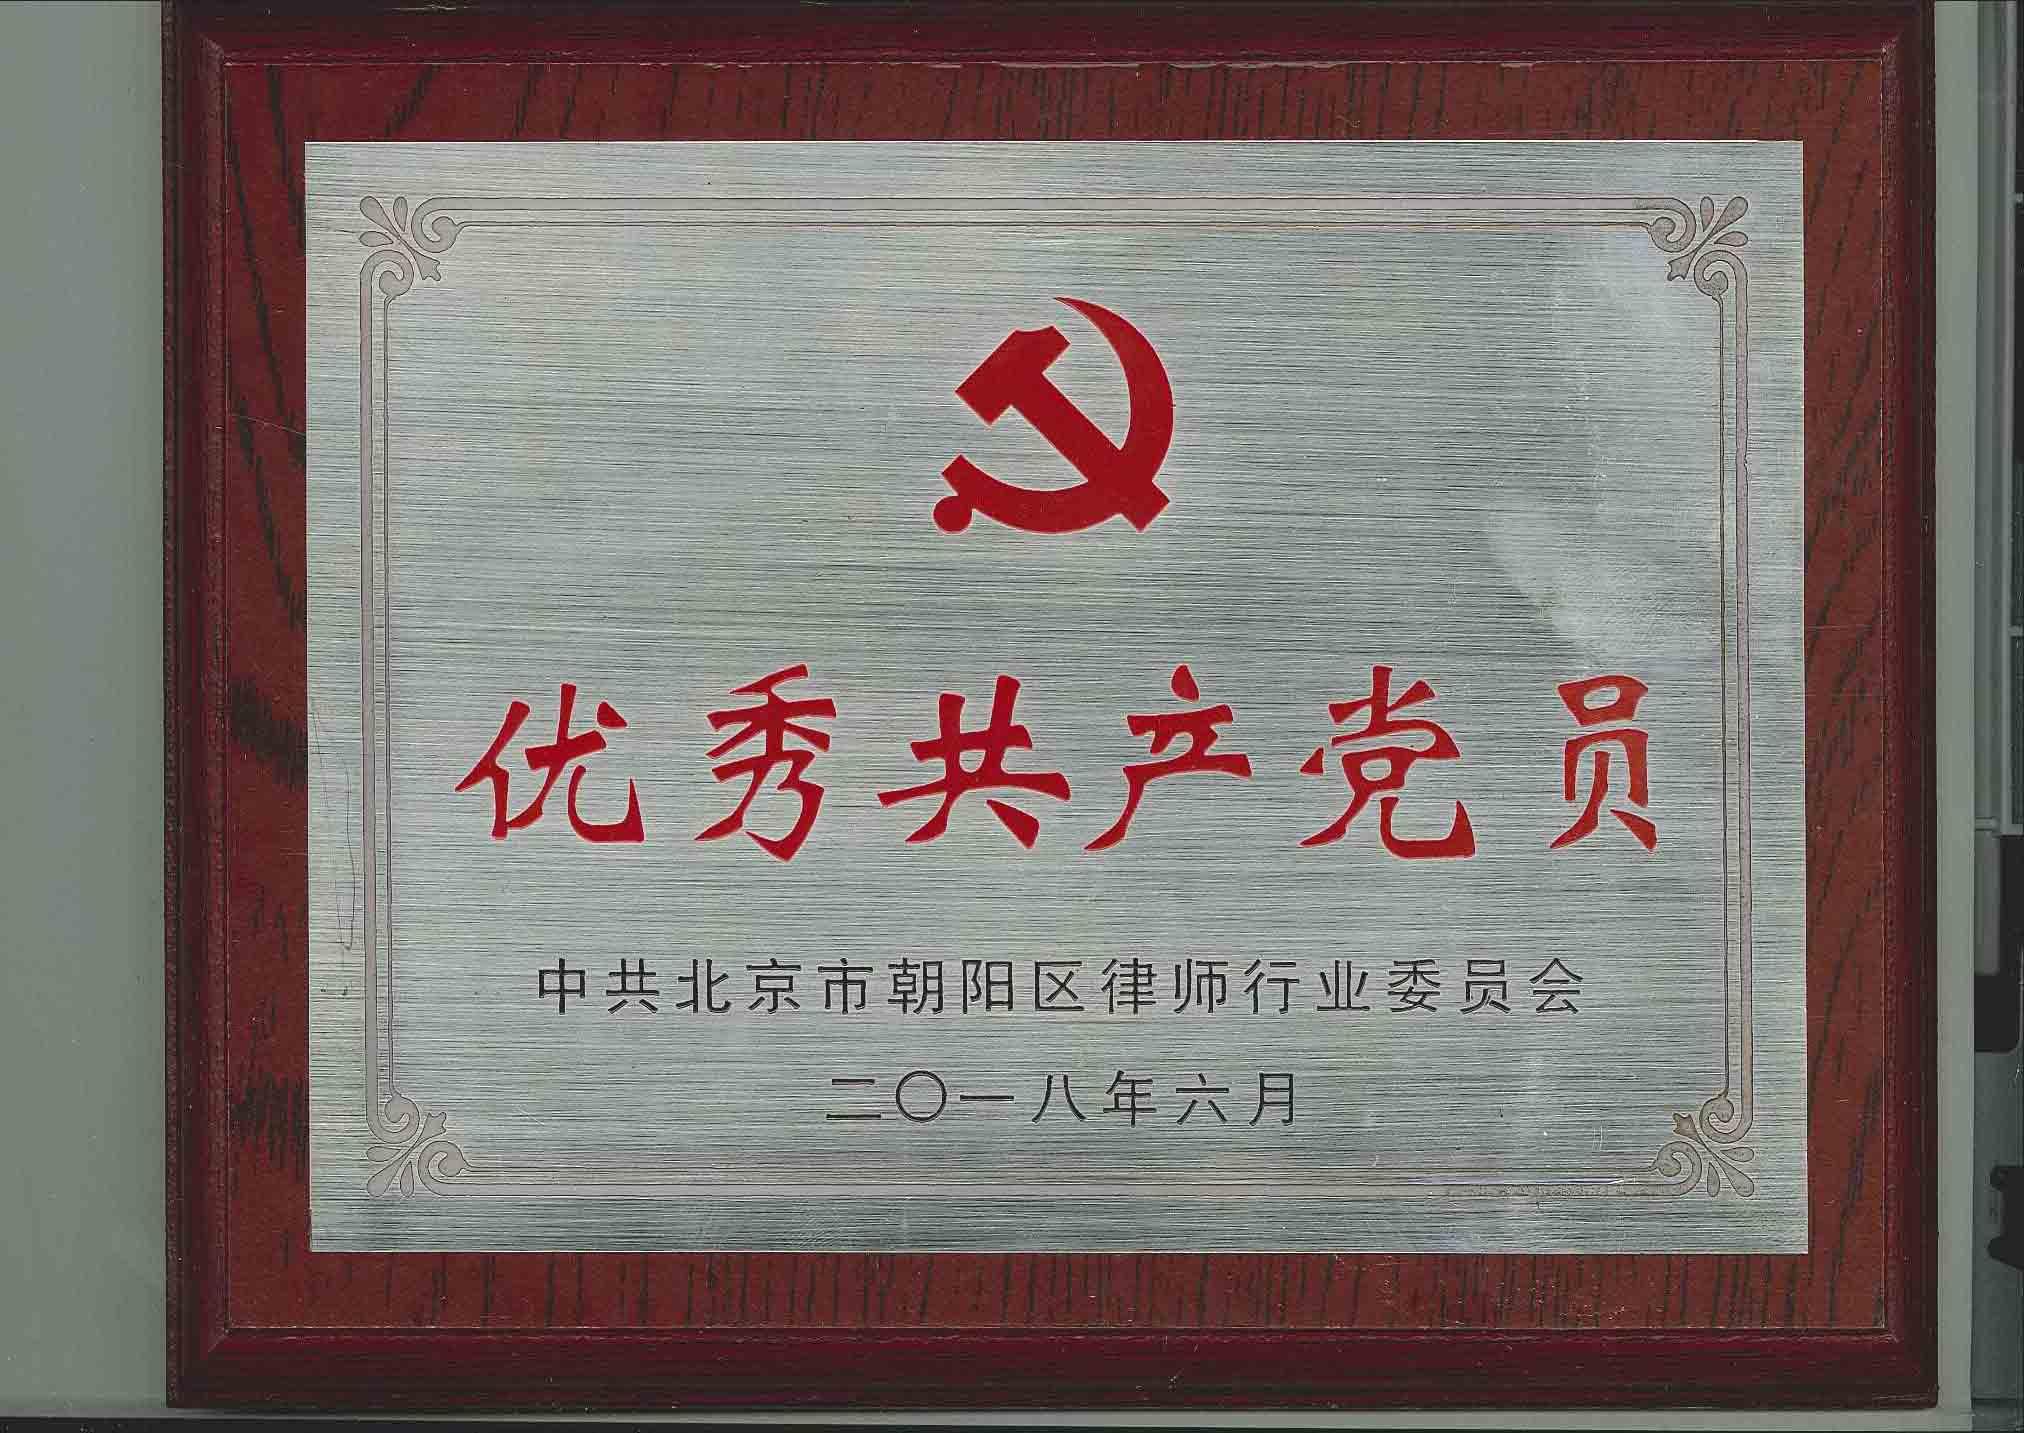 优秀共产党员牌匾